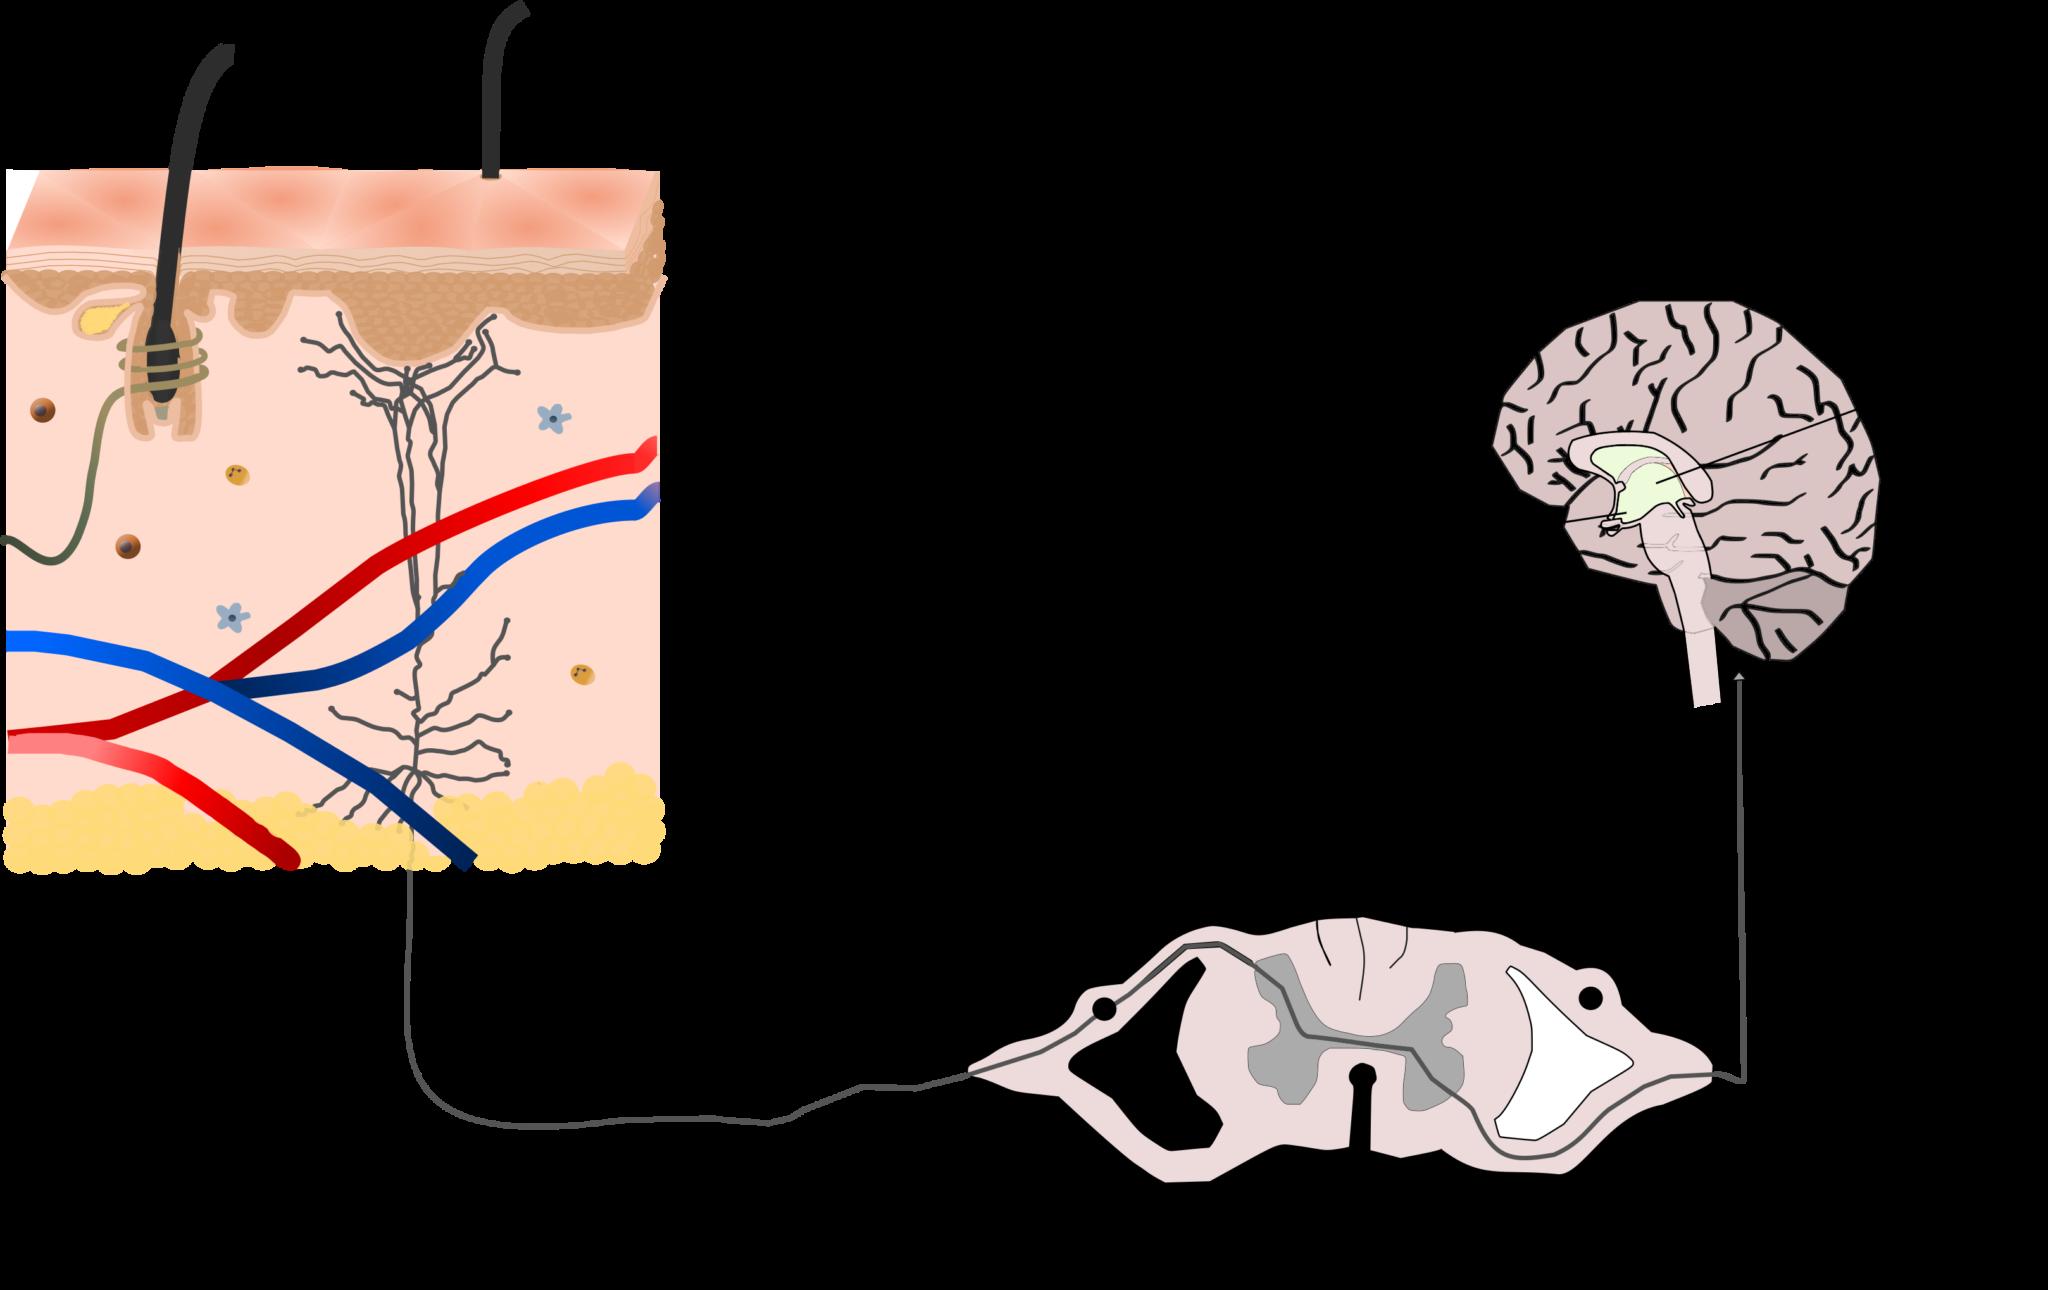 Ruta señalización termosensación